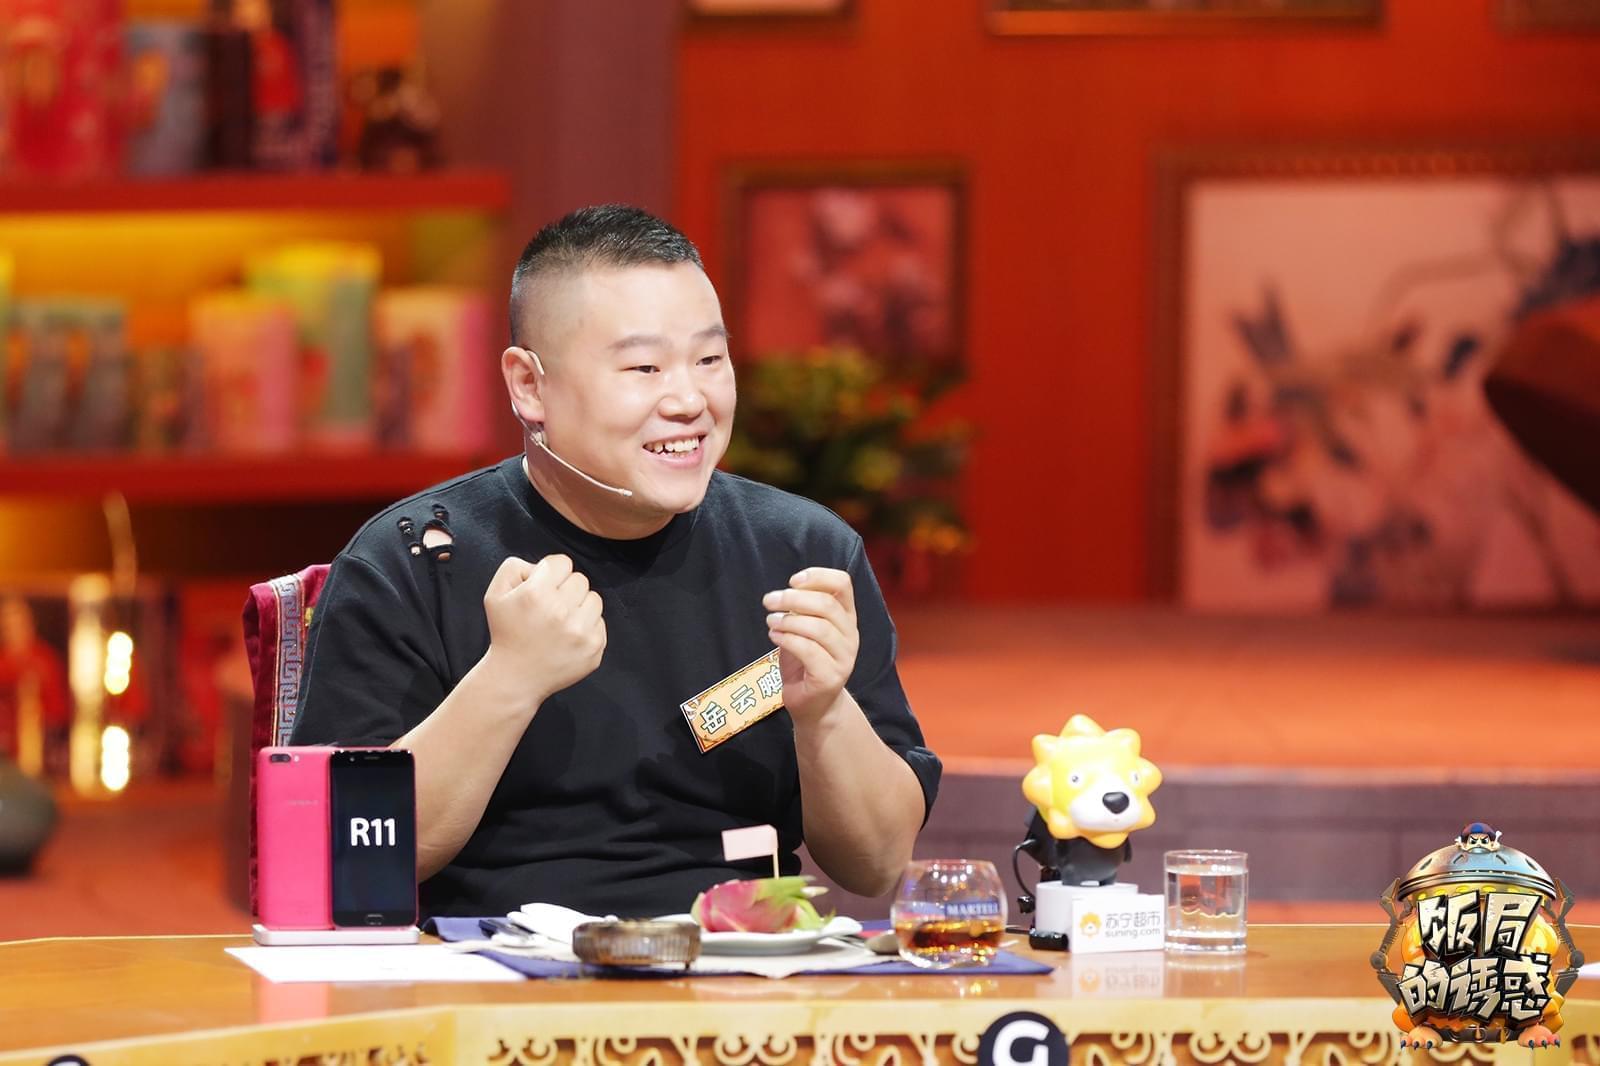 《饭局2》岳云鹏马东郭麒麟反对子女进入相声圈